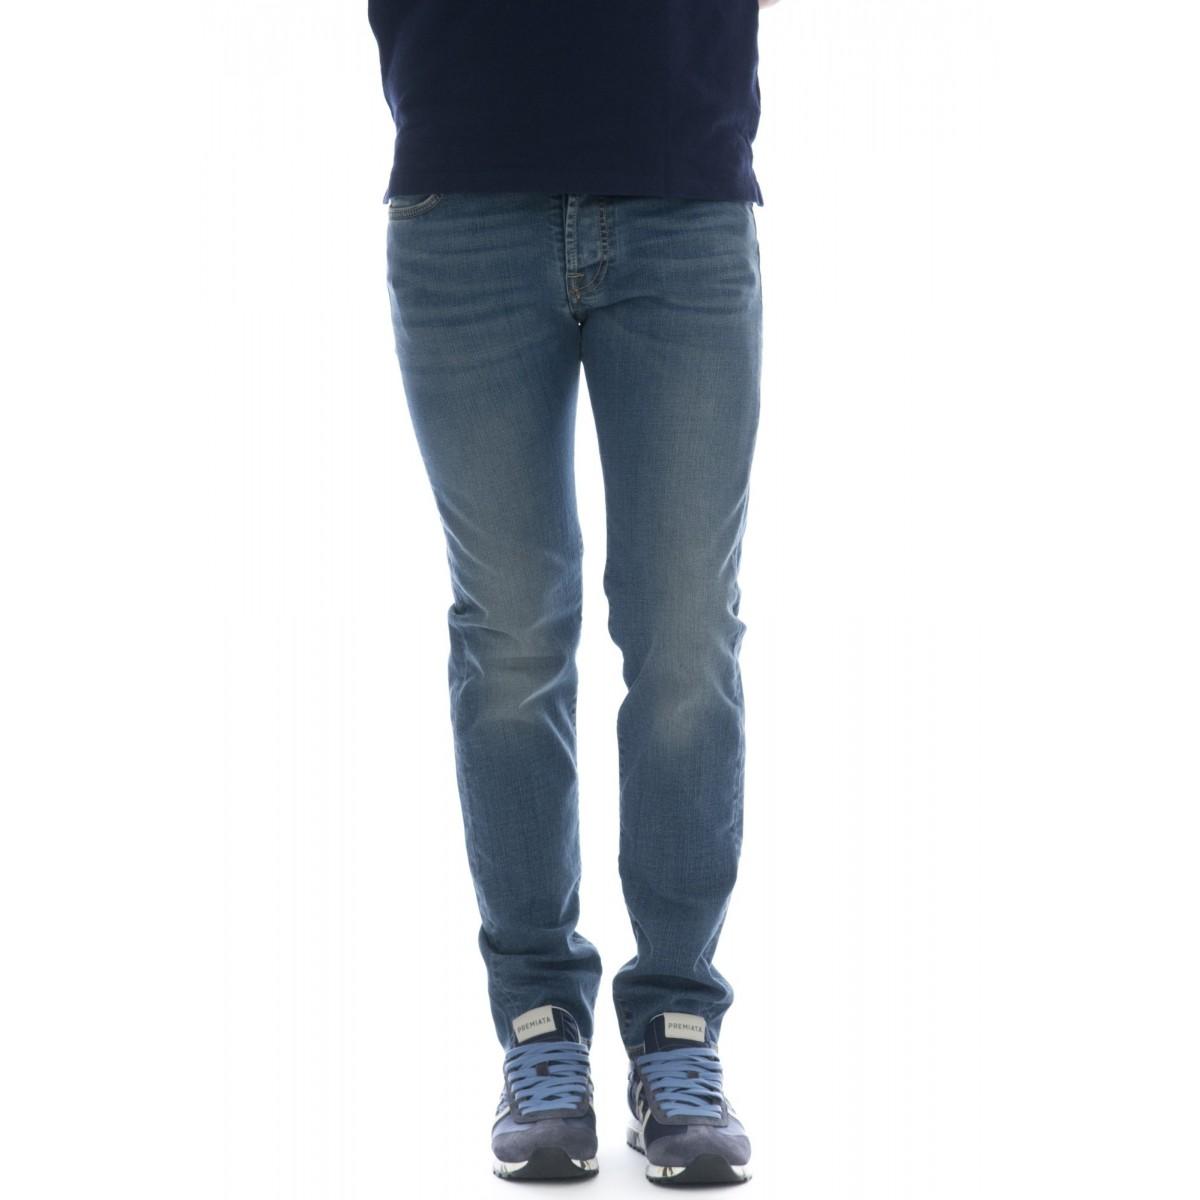 Jeans - Pf18 weared 20